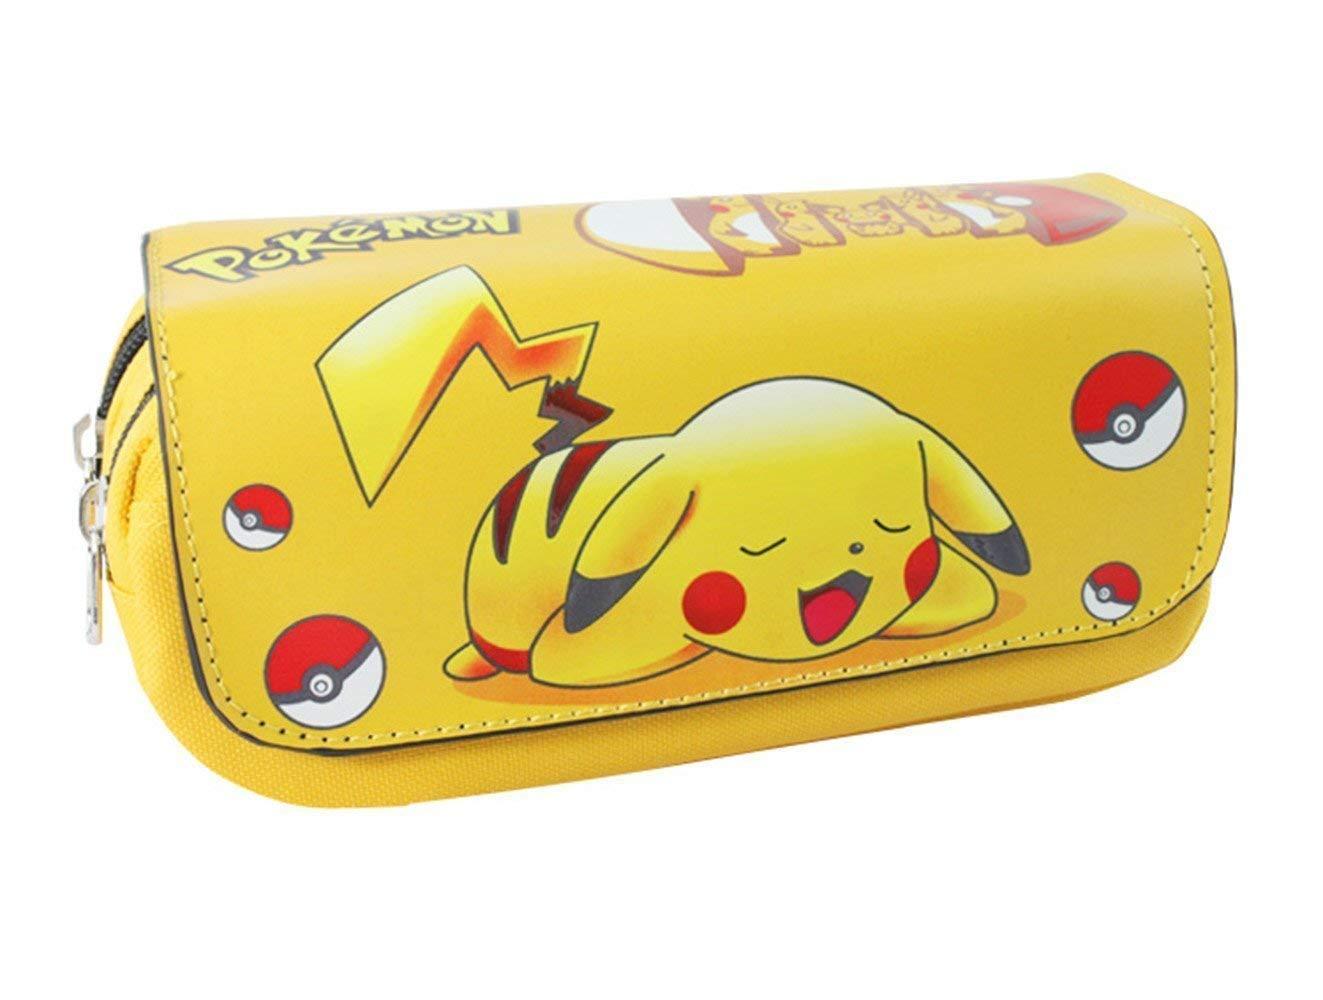 Estuche de Lápices Anime Pokemon Casual Chic Pikachu Estuche de Lápices Capa Múltiple Bolso de Dibujos Animados Estudiante Estuche de Lápices de Gran Capacidad por Estuche